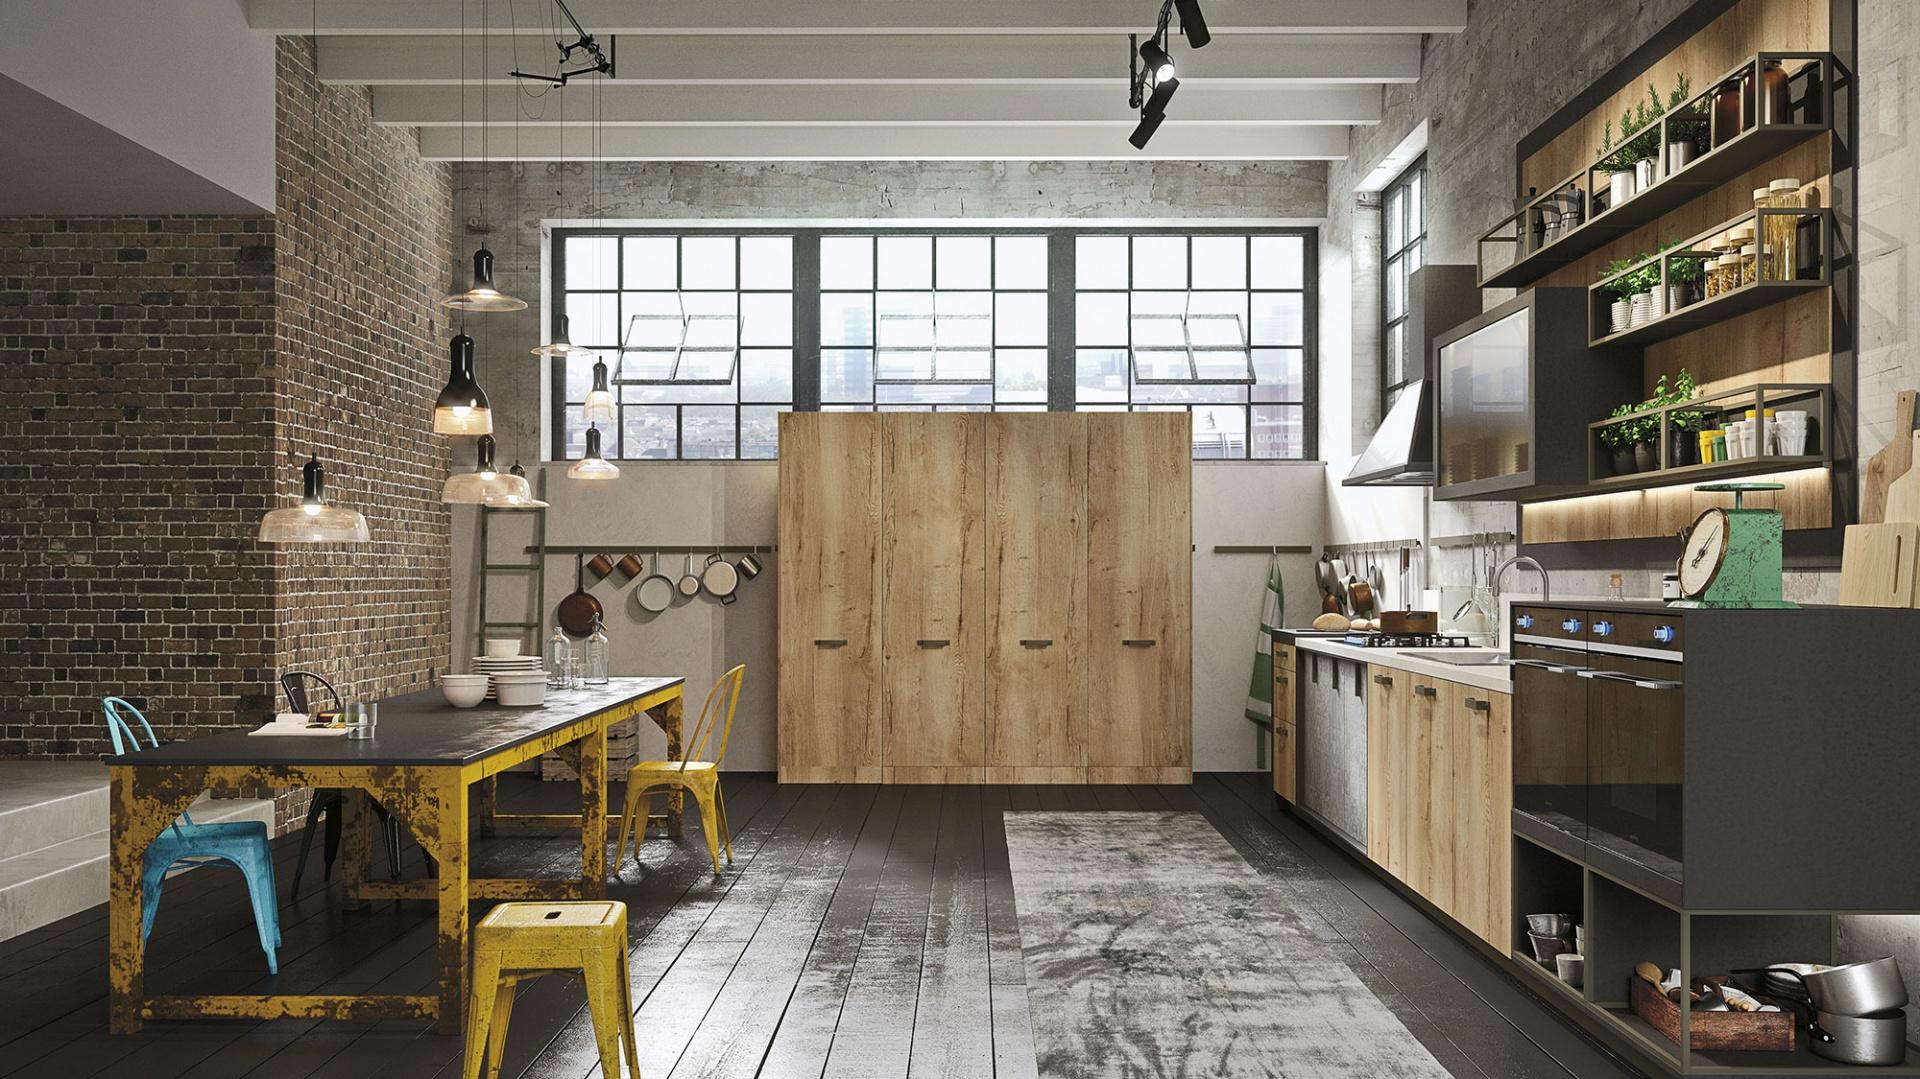 W przestronnej loftowej przestrzeni klimat buduje nie tylko cegła na ścianie czy odkryte belki stropowe, ale przede wszystkim zabudowa kuchenna i część jadalniana. Stołki i nogi stołu są kolorowe, z poobdzieraną częściowo farbą. Fot. Snaidero, kuchnia Loft.